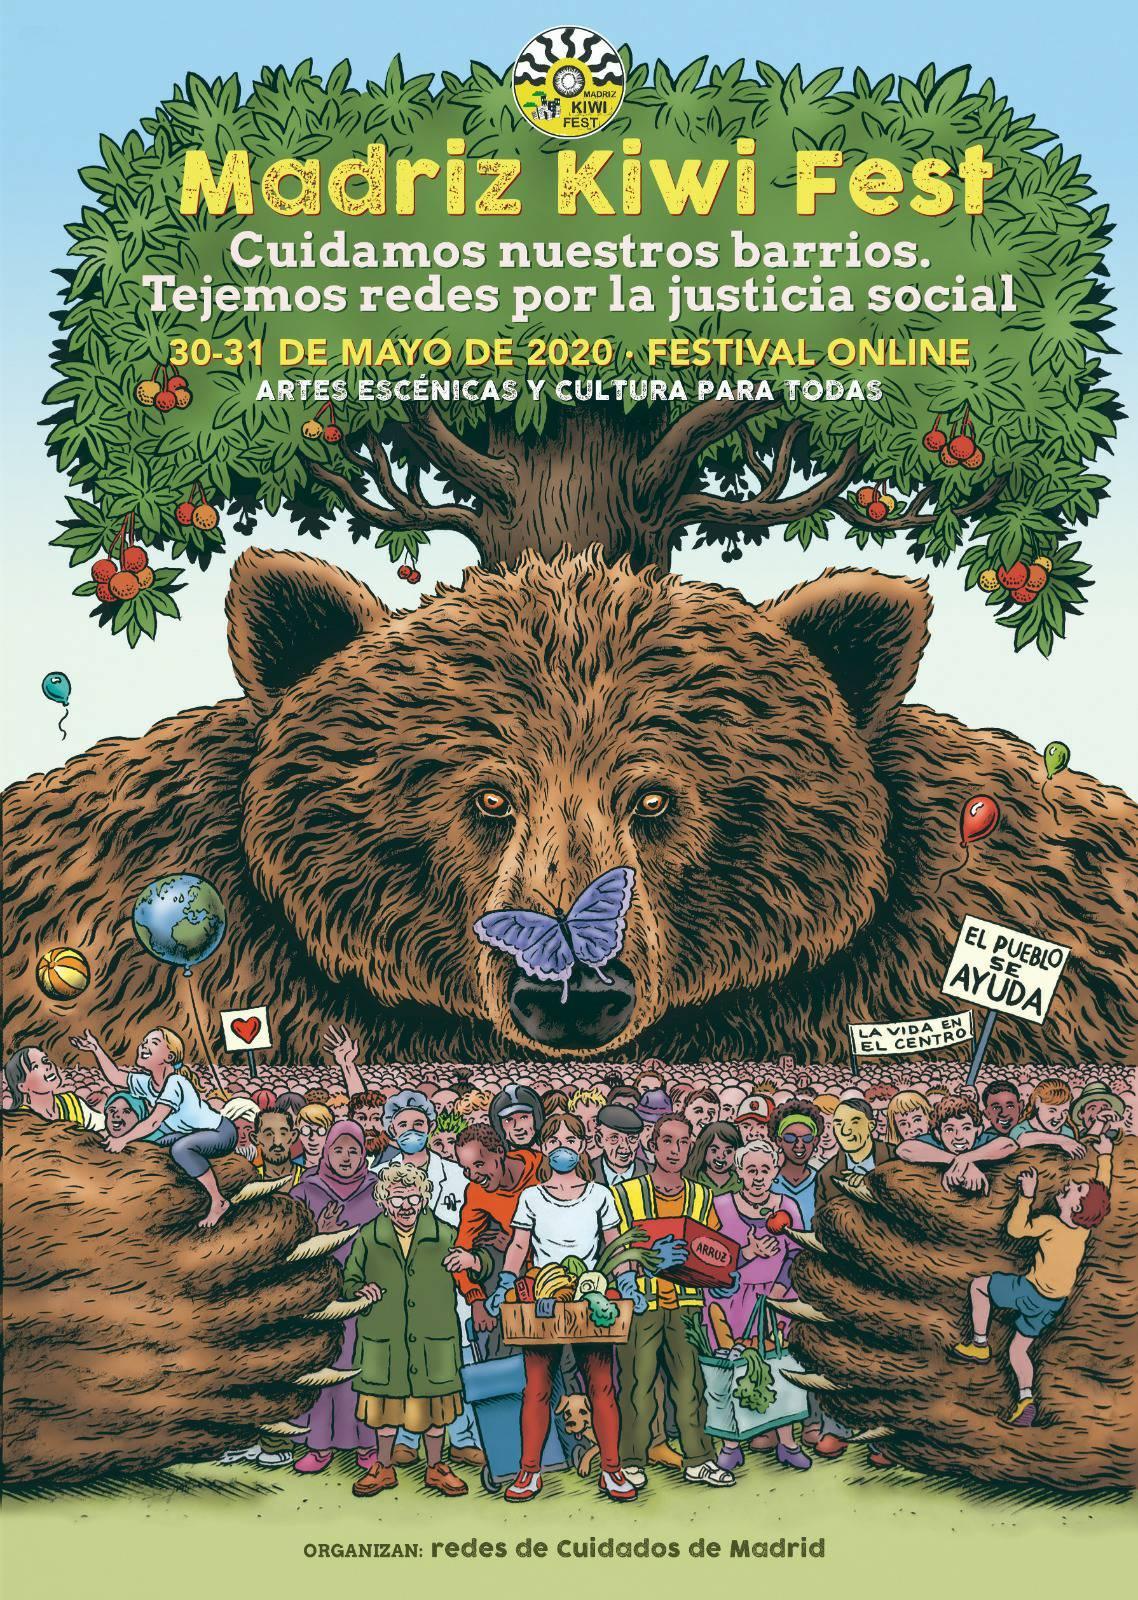 Madrid Kiwi Fest